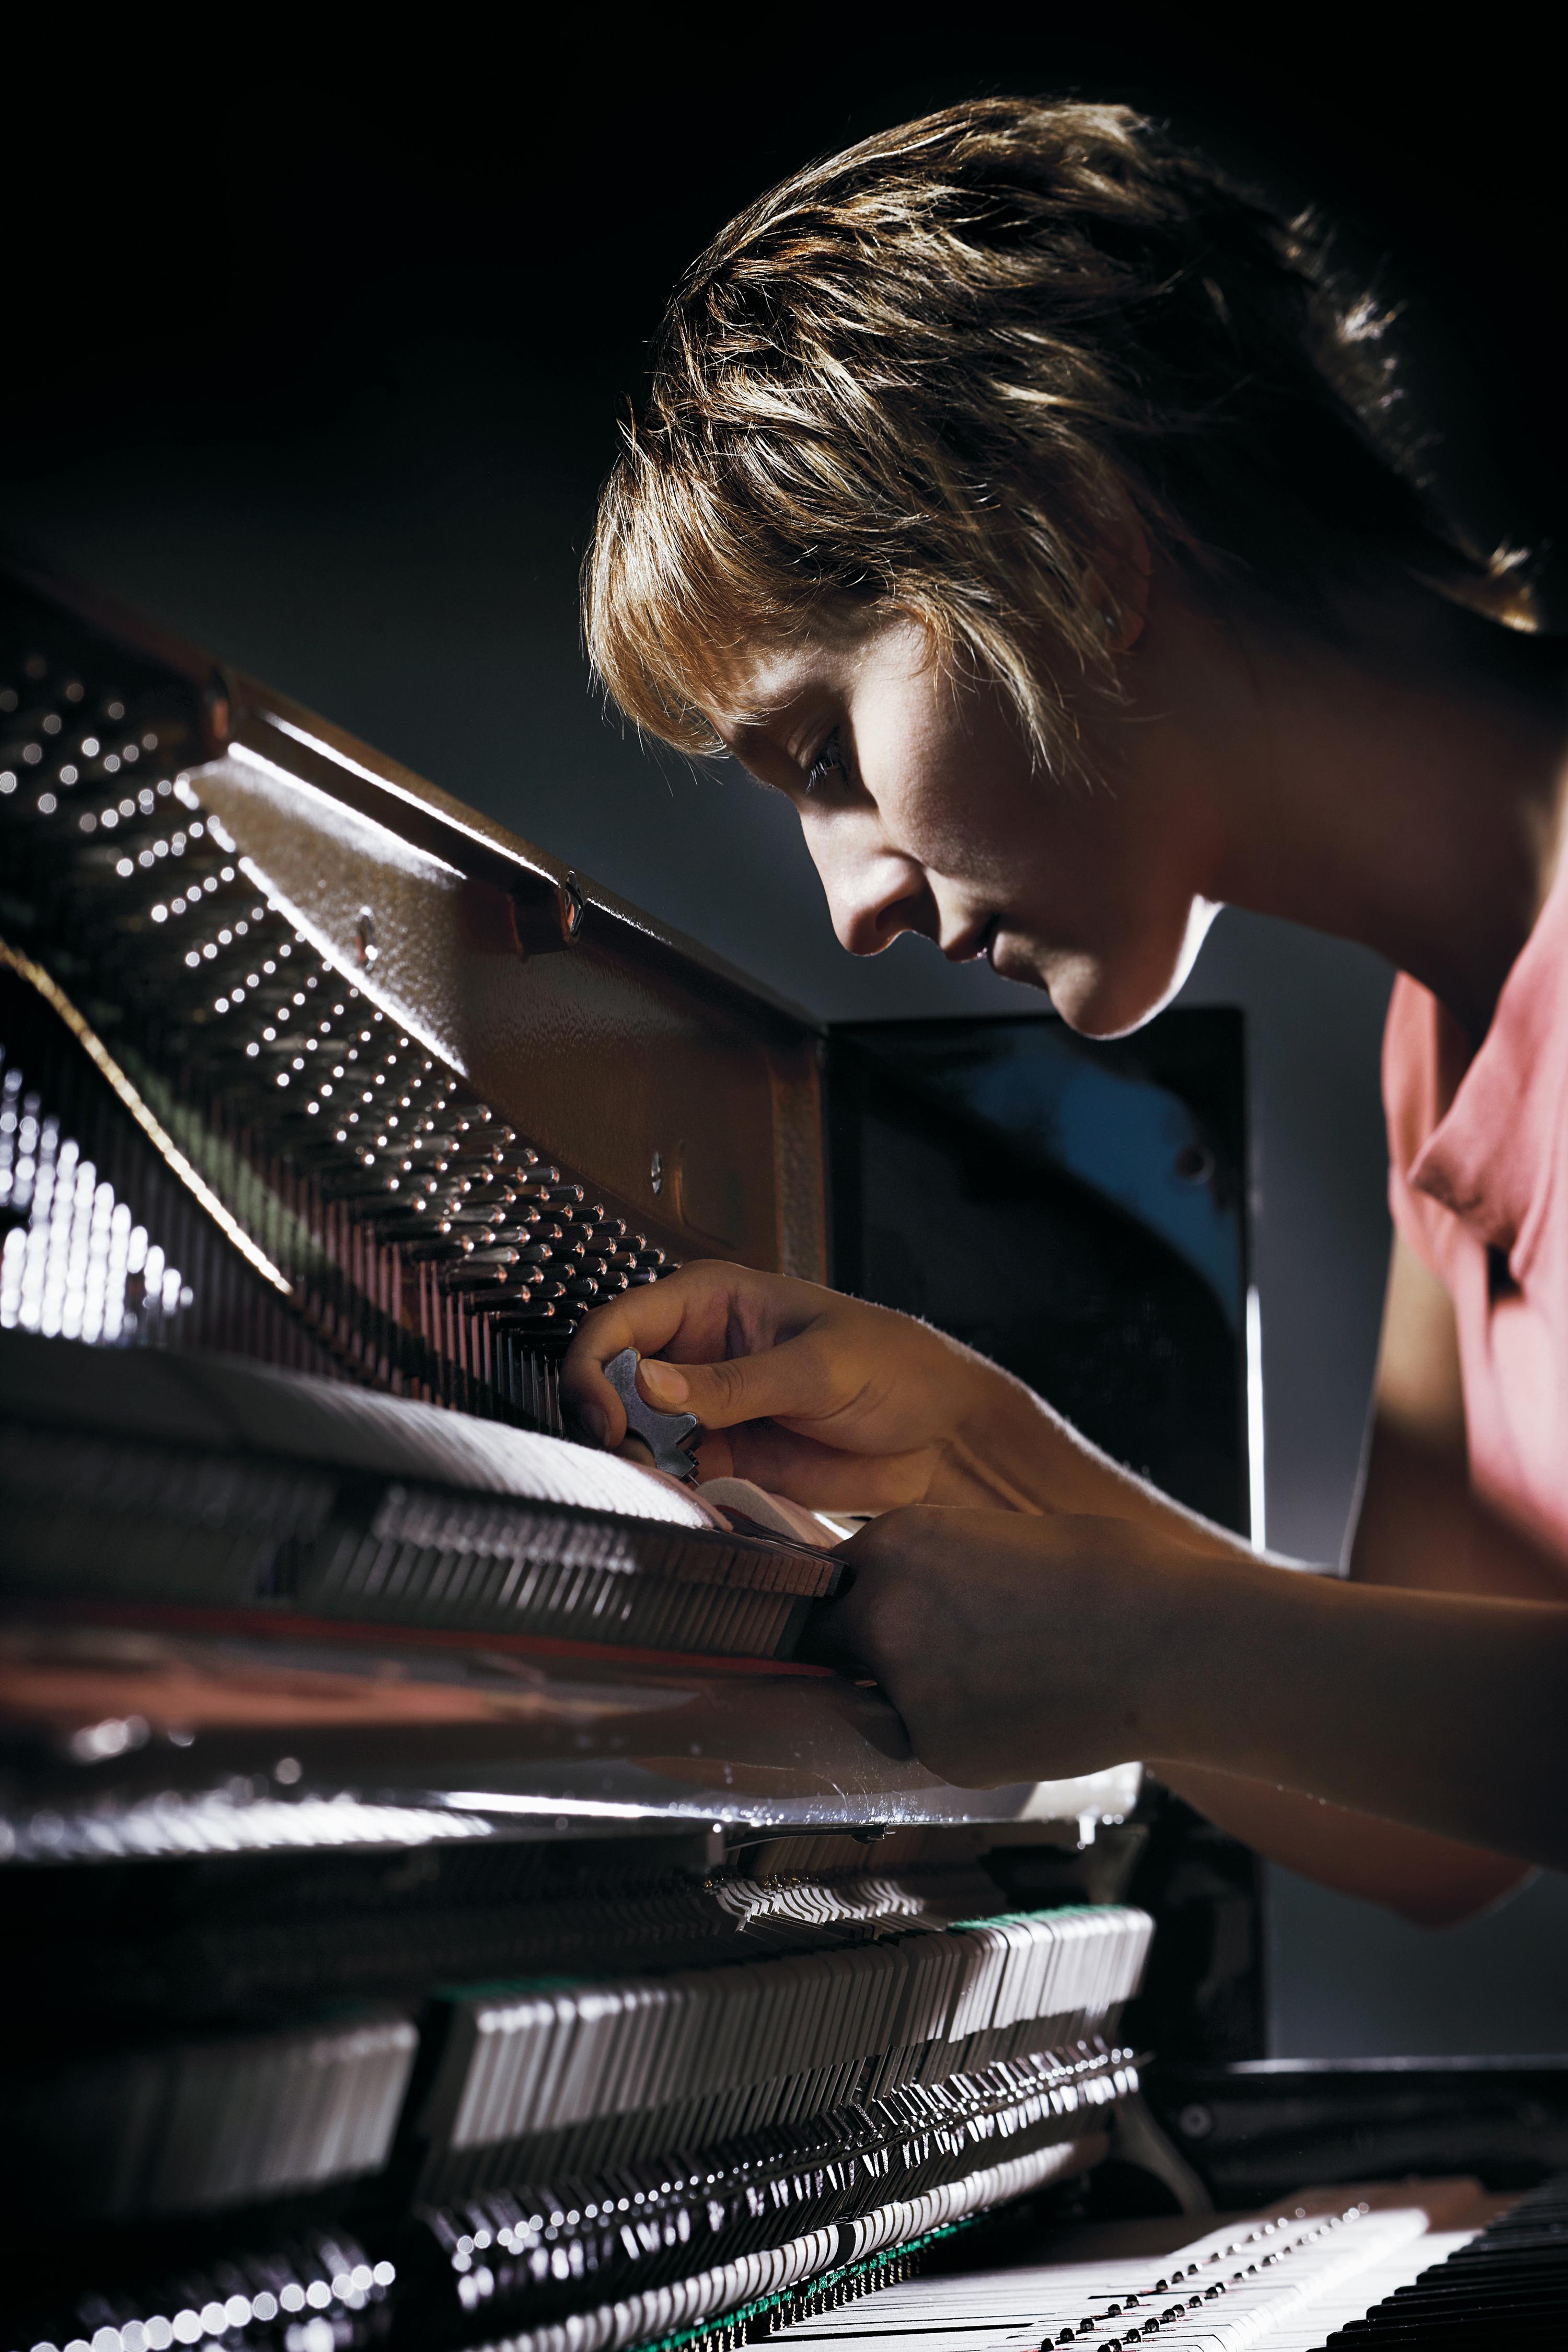 Mitarbeiterin Katrin Schmidt tariert das Spielwerk des Instruments aus